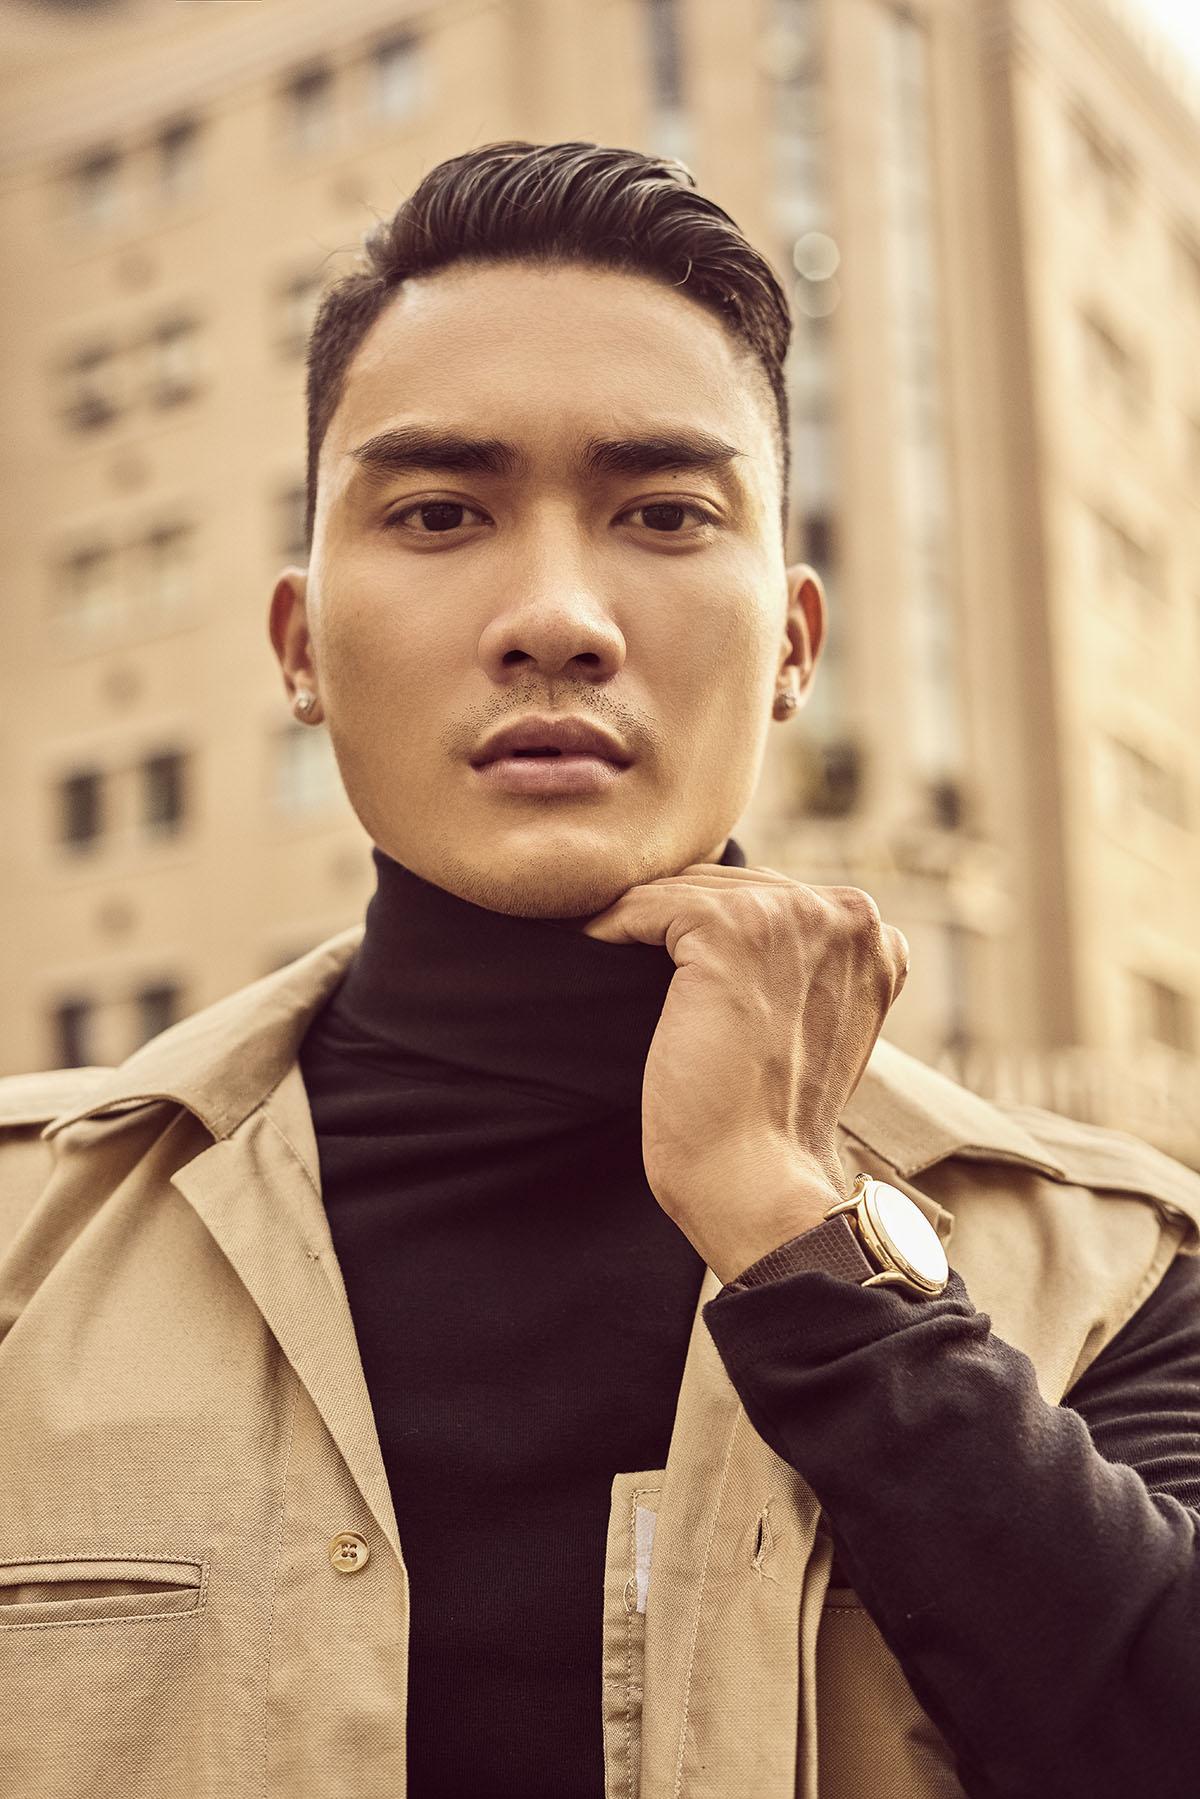 Lạnh lùng, nam tính, 'đẹp chuẩn soái ca', người mẫu Lương Gia Huy 'hớp hồn' fan nữ